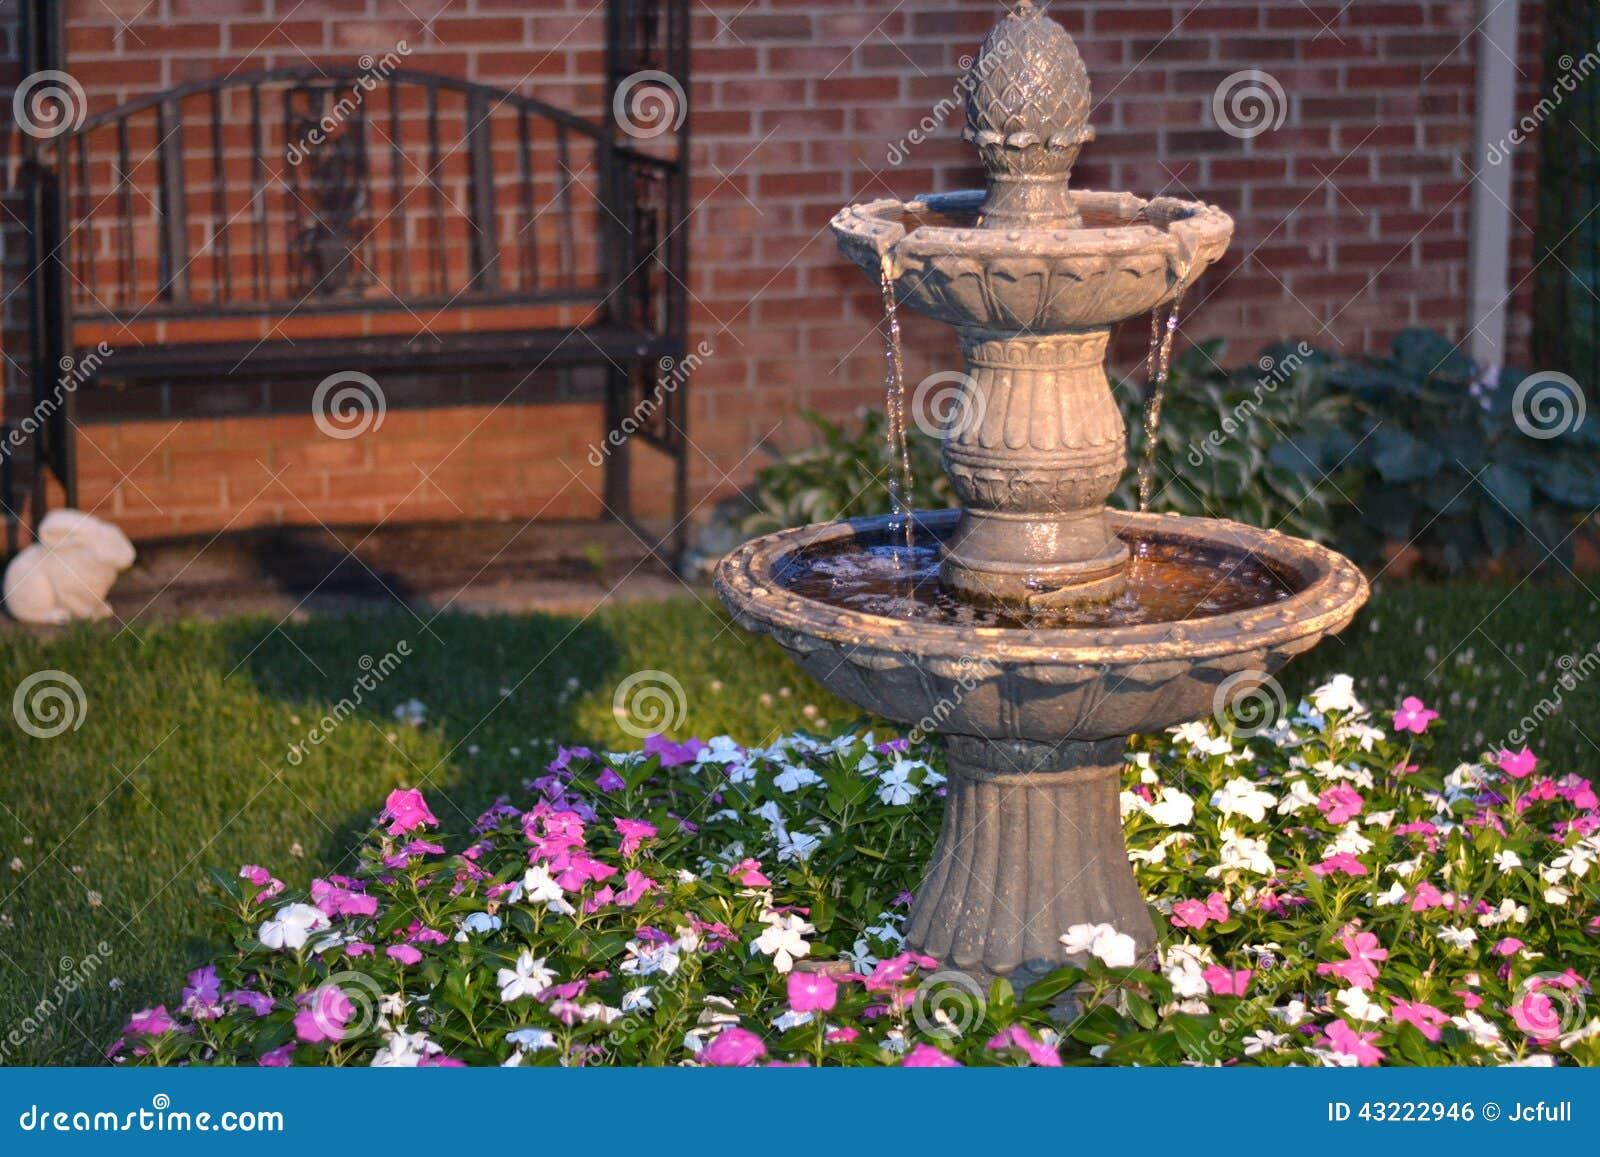 fontaine d 39 eau la maison d corative dans un lit des fleurs photo stock image du cour rose. Black Bedroom Furniture Sets. Home Design Ideas